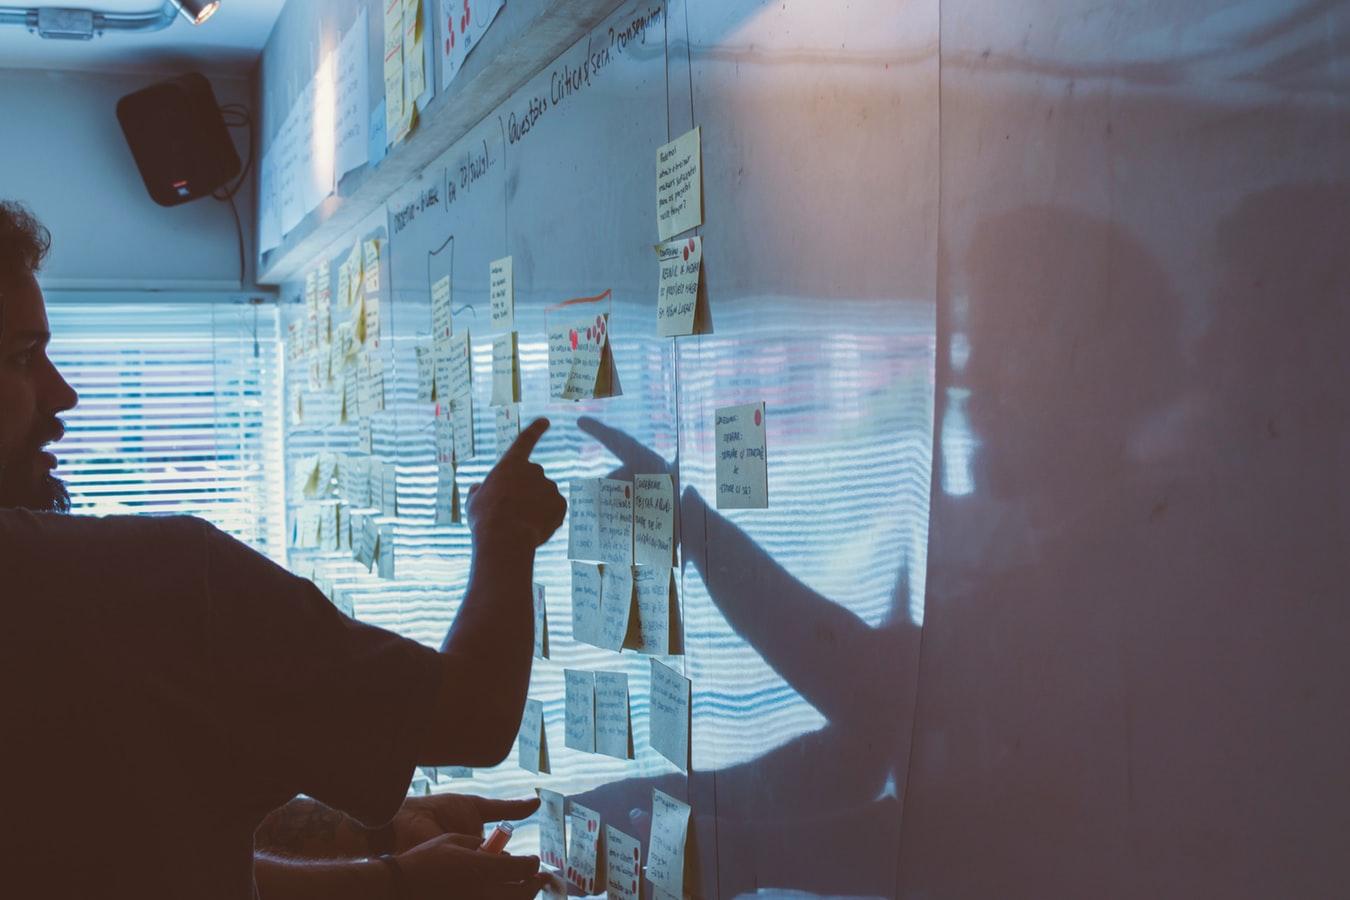 Tips for optimizing B2B digital marketing strategies